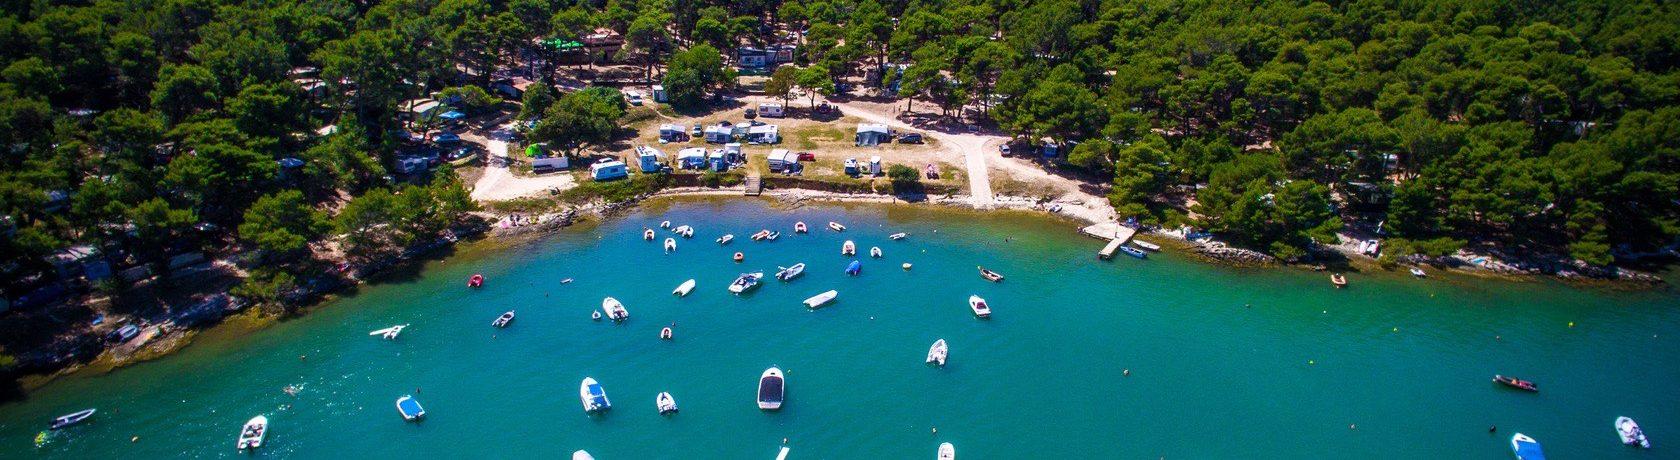 Camping Tasalera in Premantura ligt in het zuiden van Istrië, op 8 kilometer afstand van Pula en 2 km van Medulin in Kroatië.